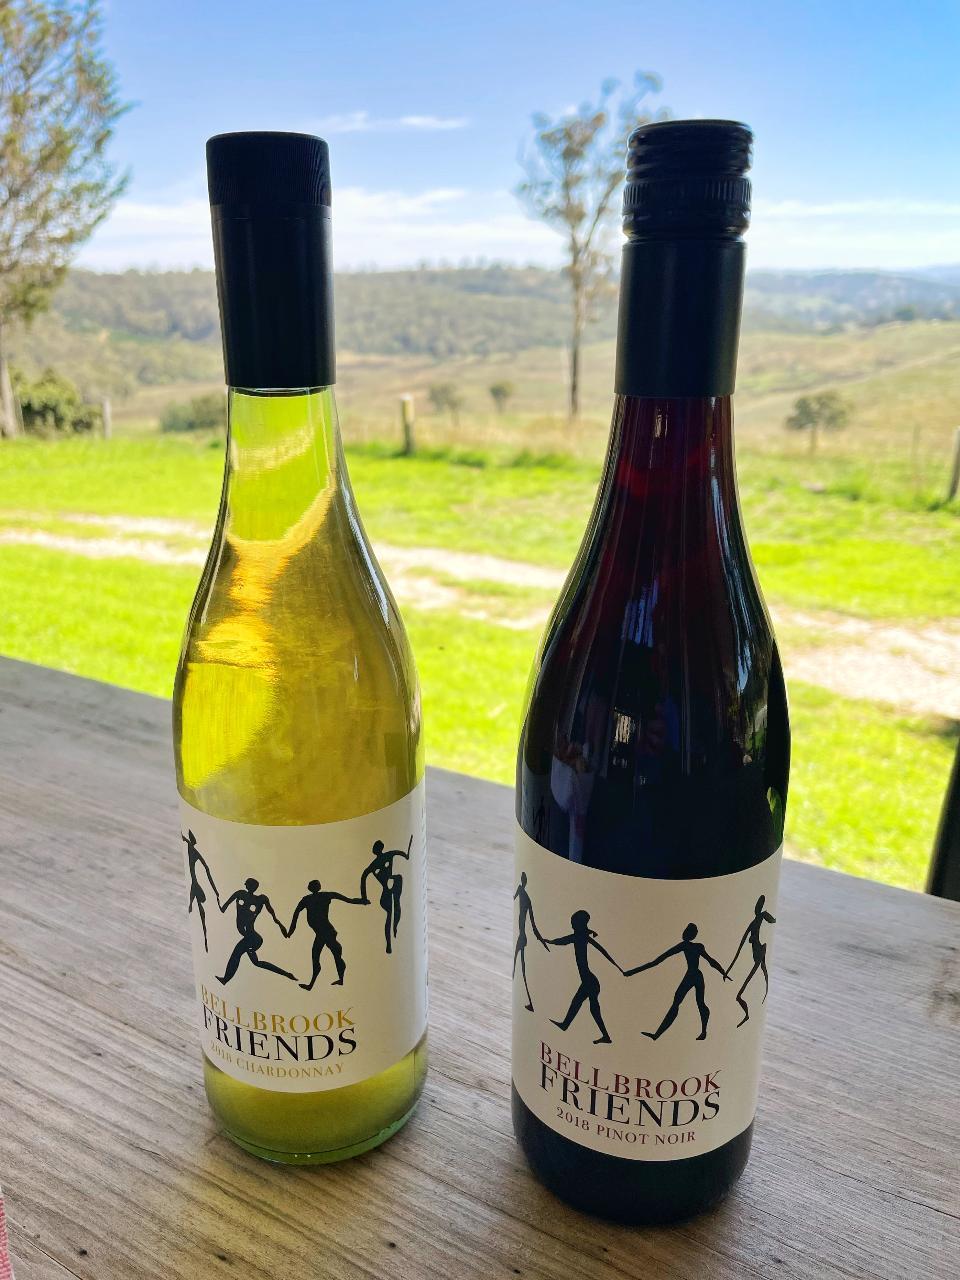 Bellbrook Friends Vineyard Wine Tasting Experience